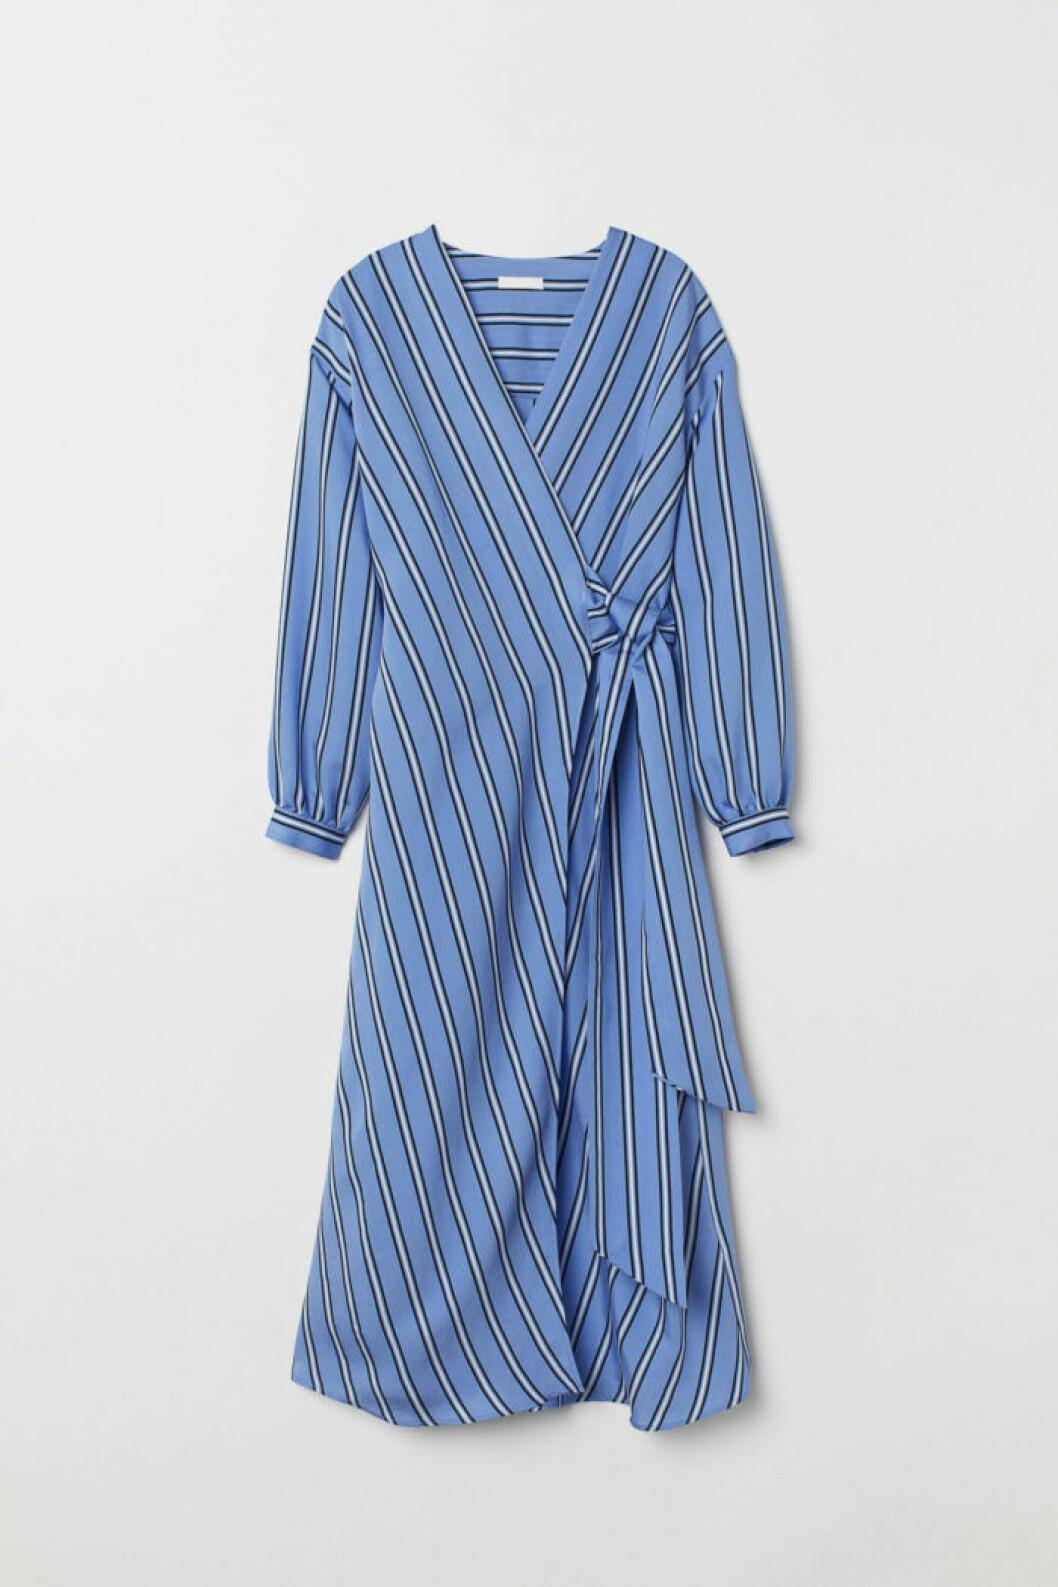 Blå klänning i omlott